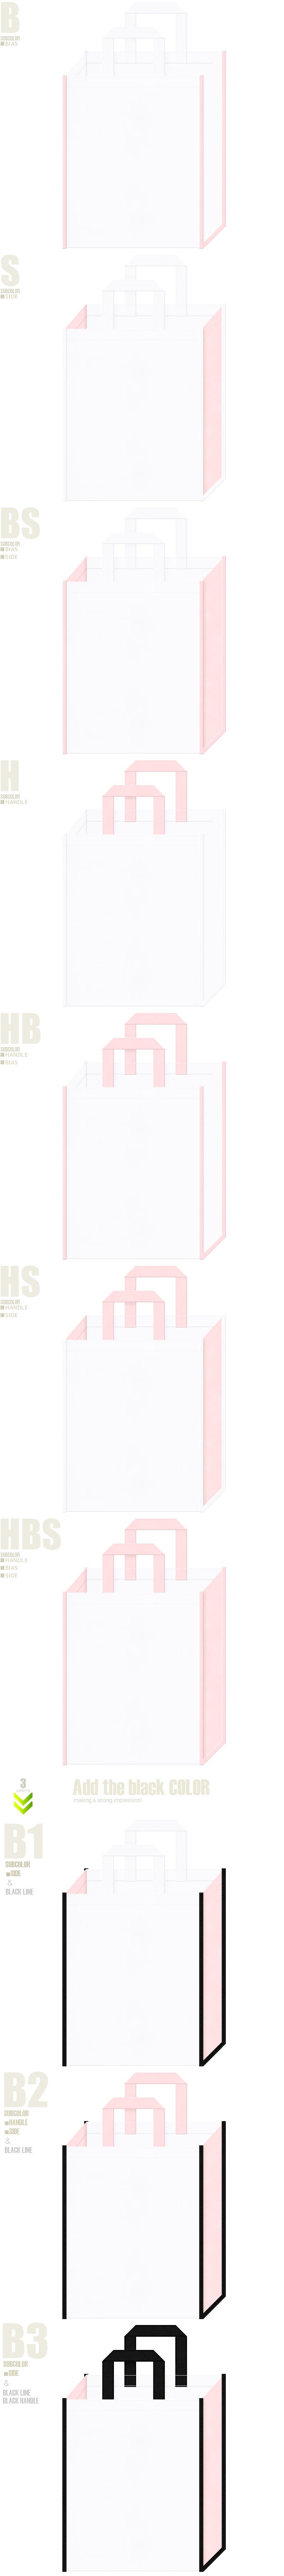 白色と桜色の不織布バッグデザイン。女子学校・オープンキャンパス、医療・介護用品の展示会用バッグにお奨めです。